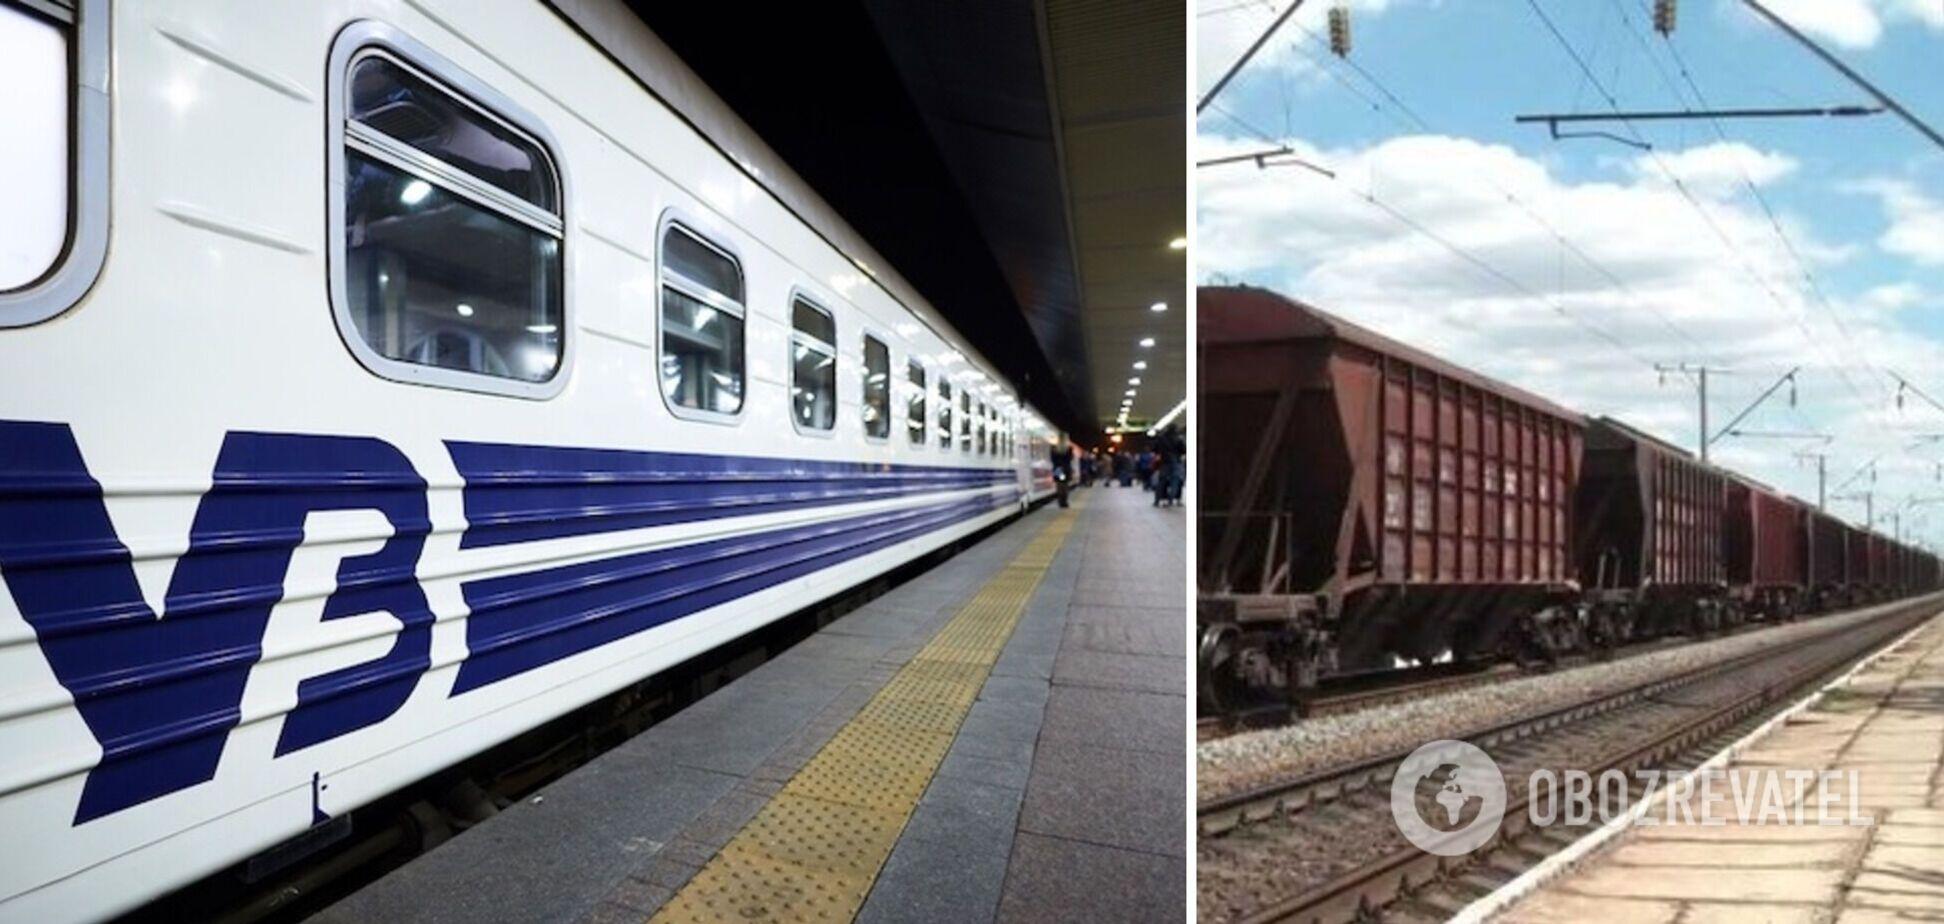 УЗ попередили про катастрофу через списання старих вагонів